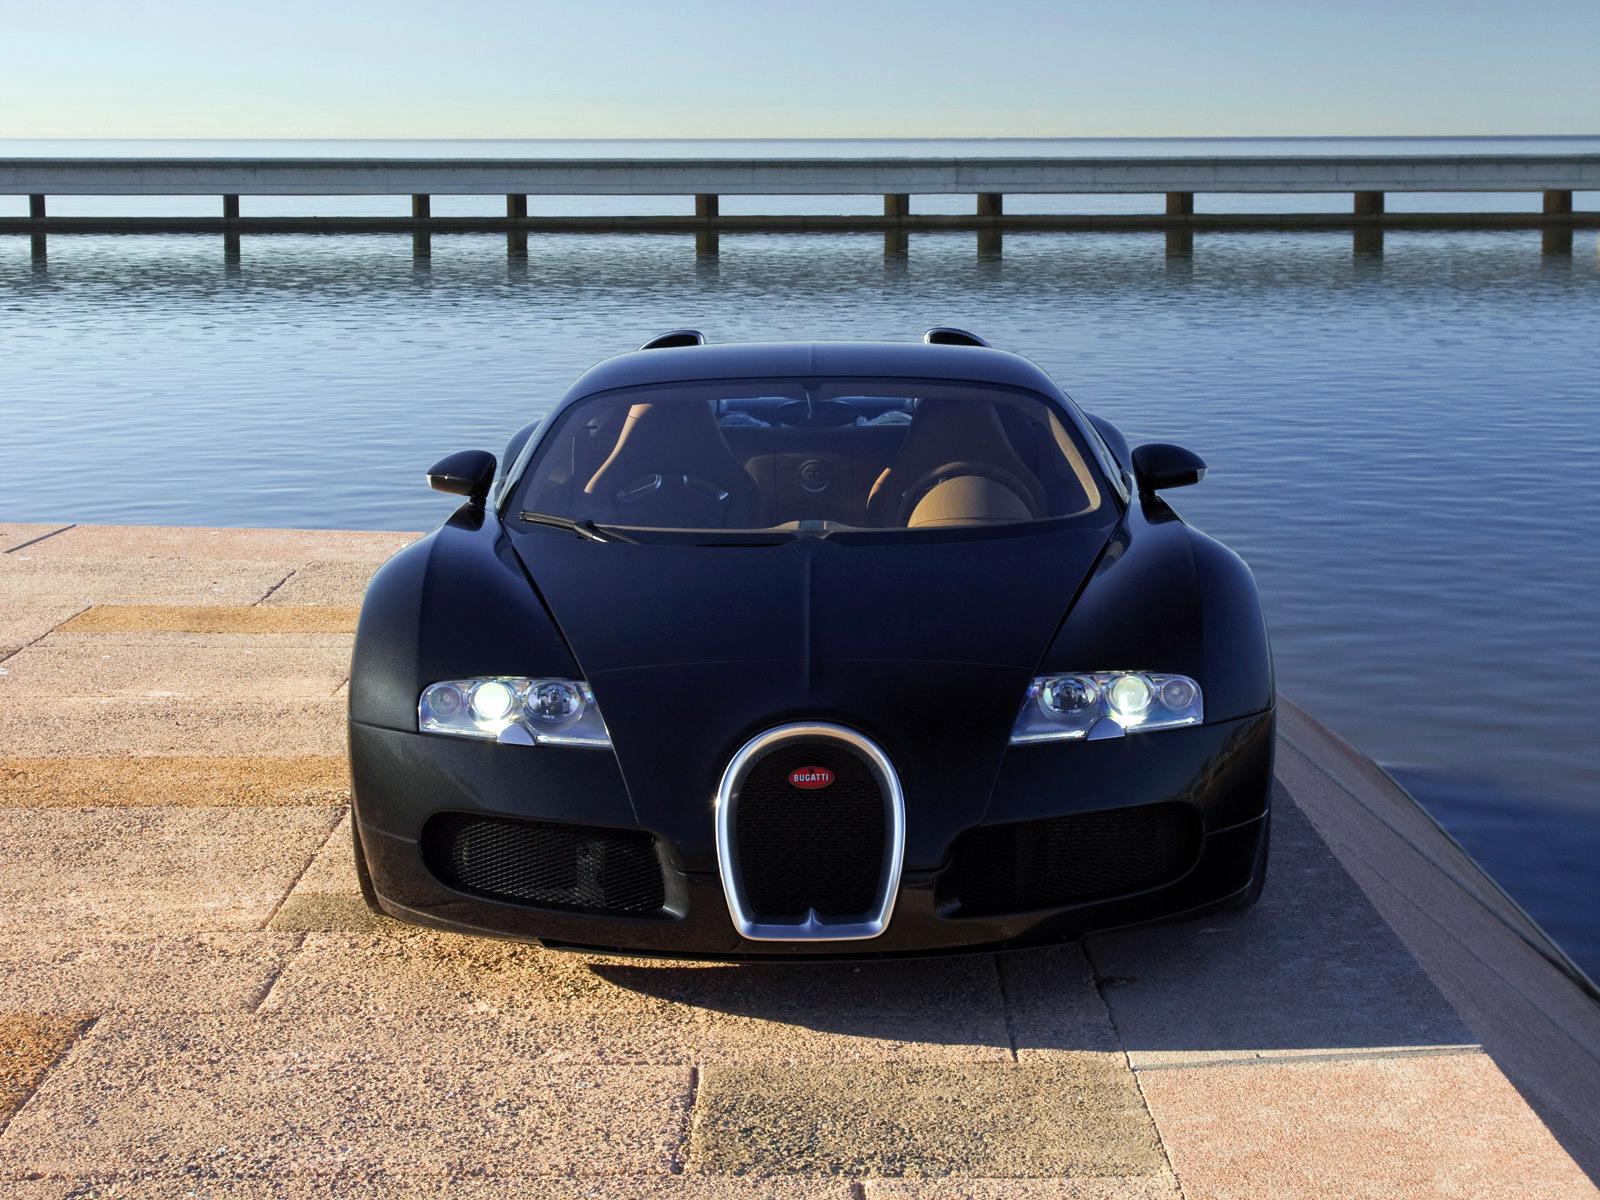 10178 скачать обои Транспорт, Машины, Бугатти (Bugatti) - заставки и картинки бесплатно